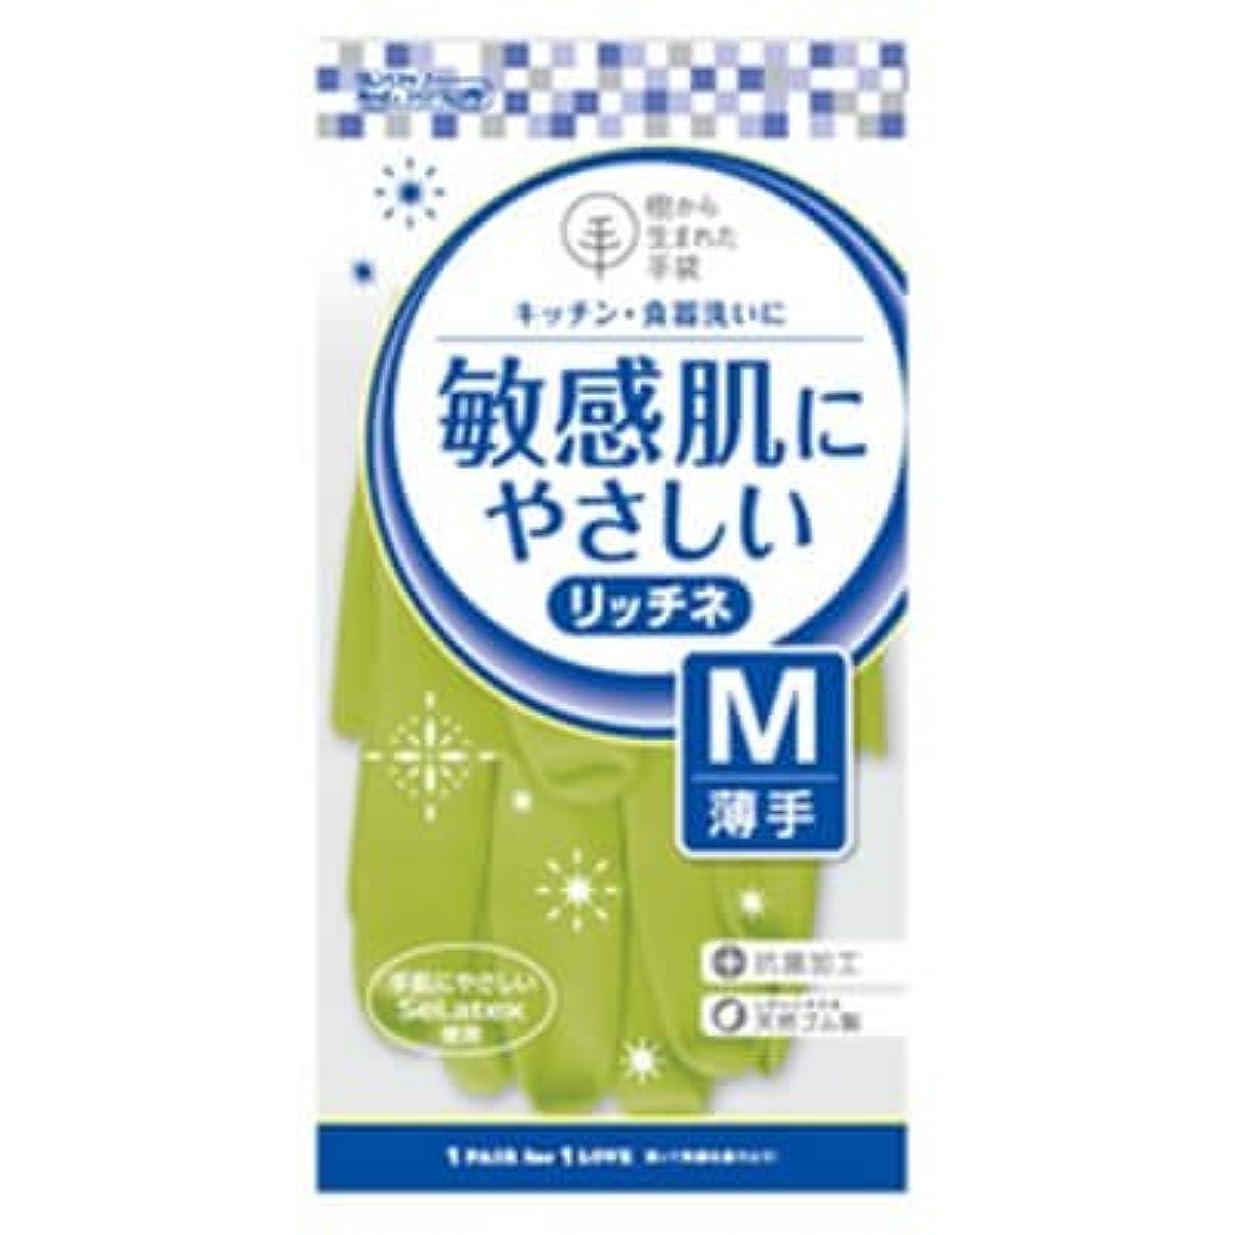 厄介な海岸以来【ケース販売】 ダンロップ 敏感肌にやさしい リッチネ 薄手 M グリーン (10双×24袋)